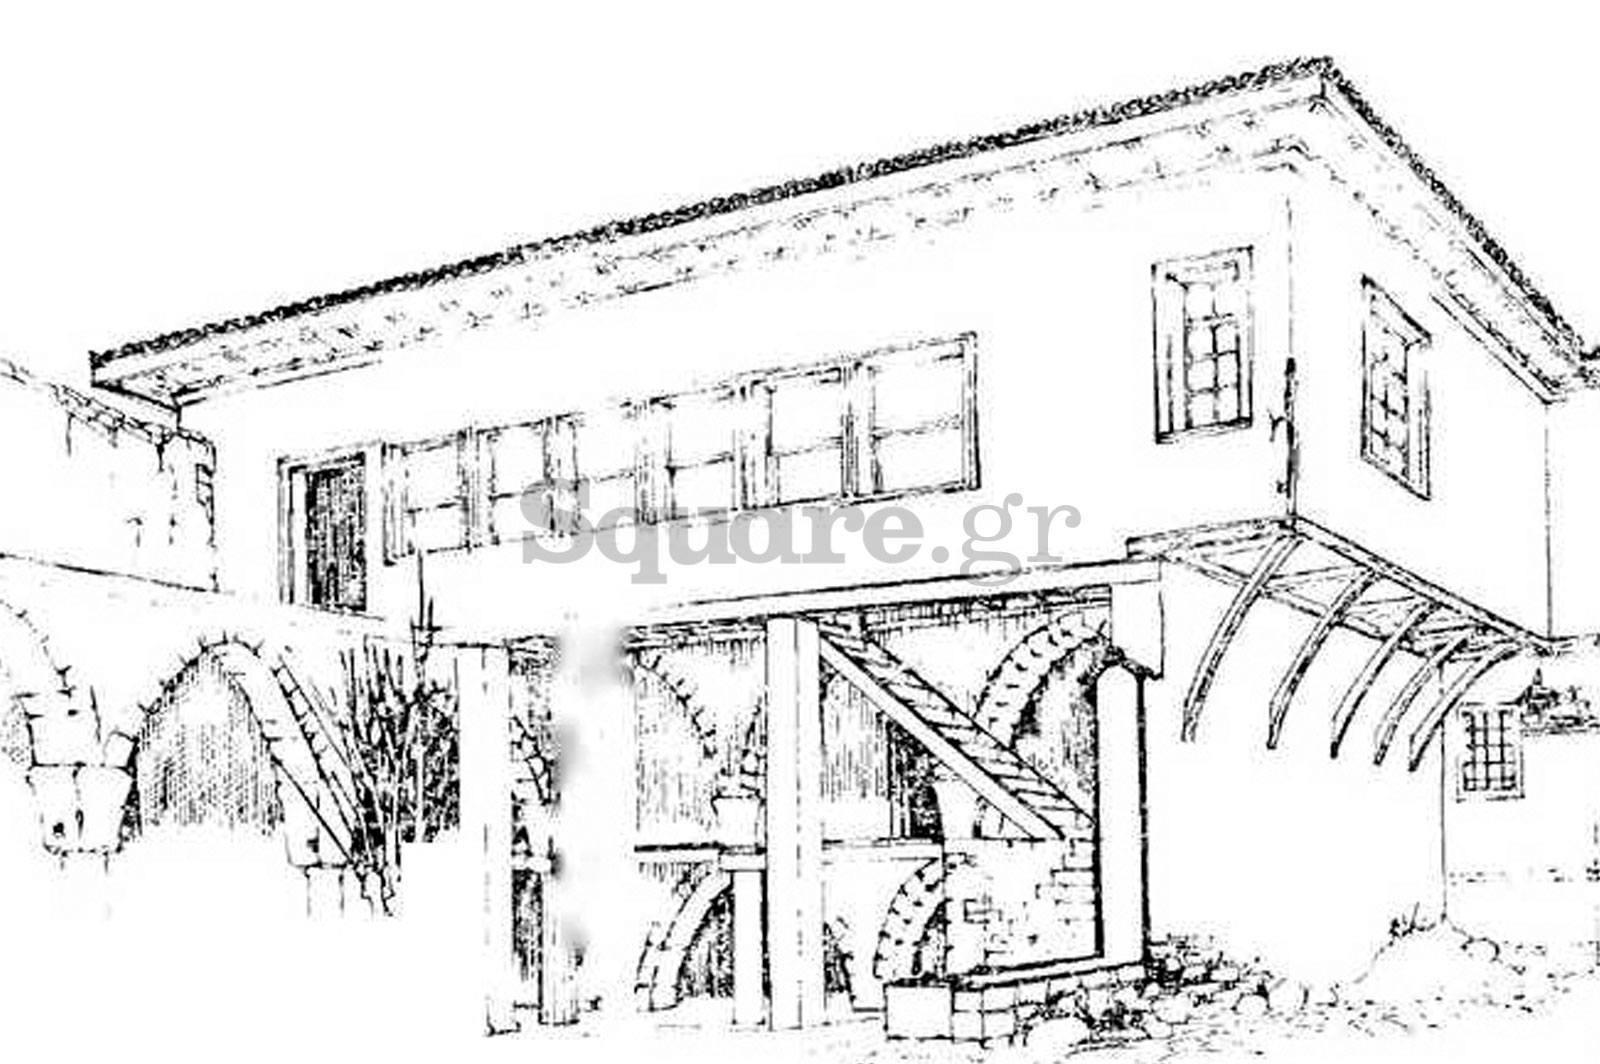 3-Οικία-οδού-παίδων-Χαλκίδα-τουρκοκρατία-και-μεταβυζαντικό-σπίτι-Προοπτικό-σχέδιο